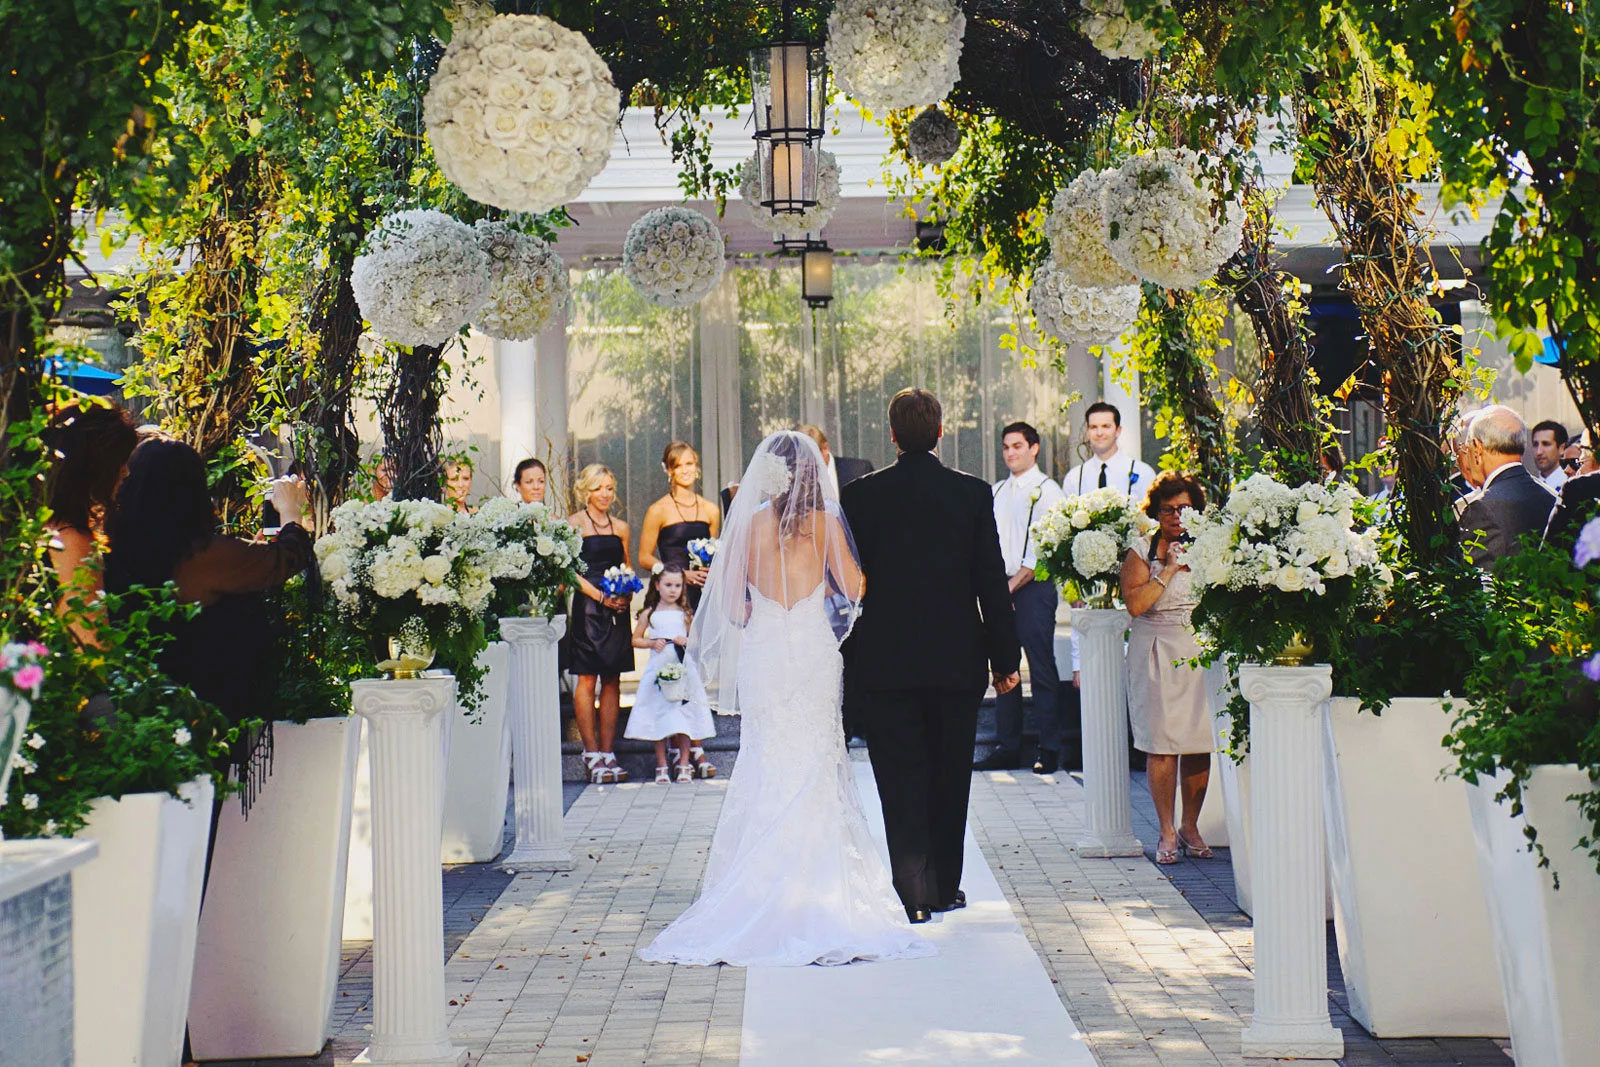 Chateau Briand Wedding Walk